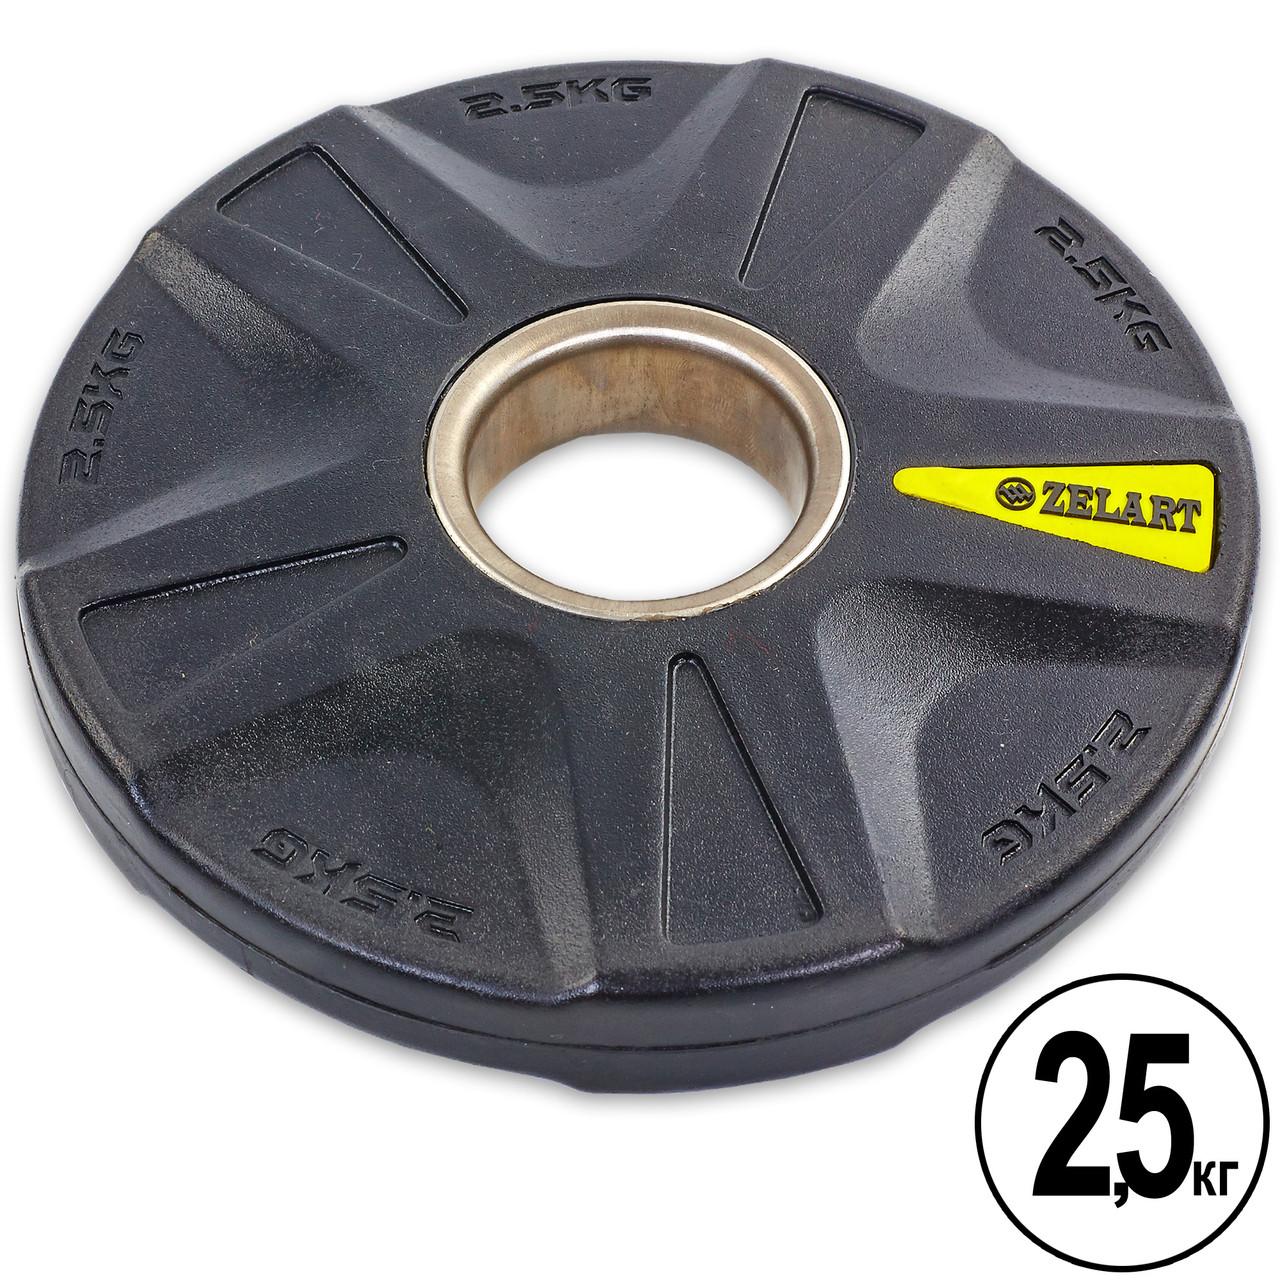 Блин 2,5 кг (диск) полиуретановый 5 отверстий d-51мм Zelart TA-5335- 2,5